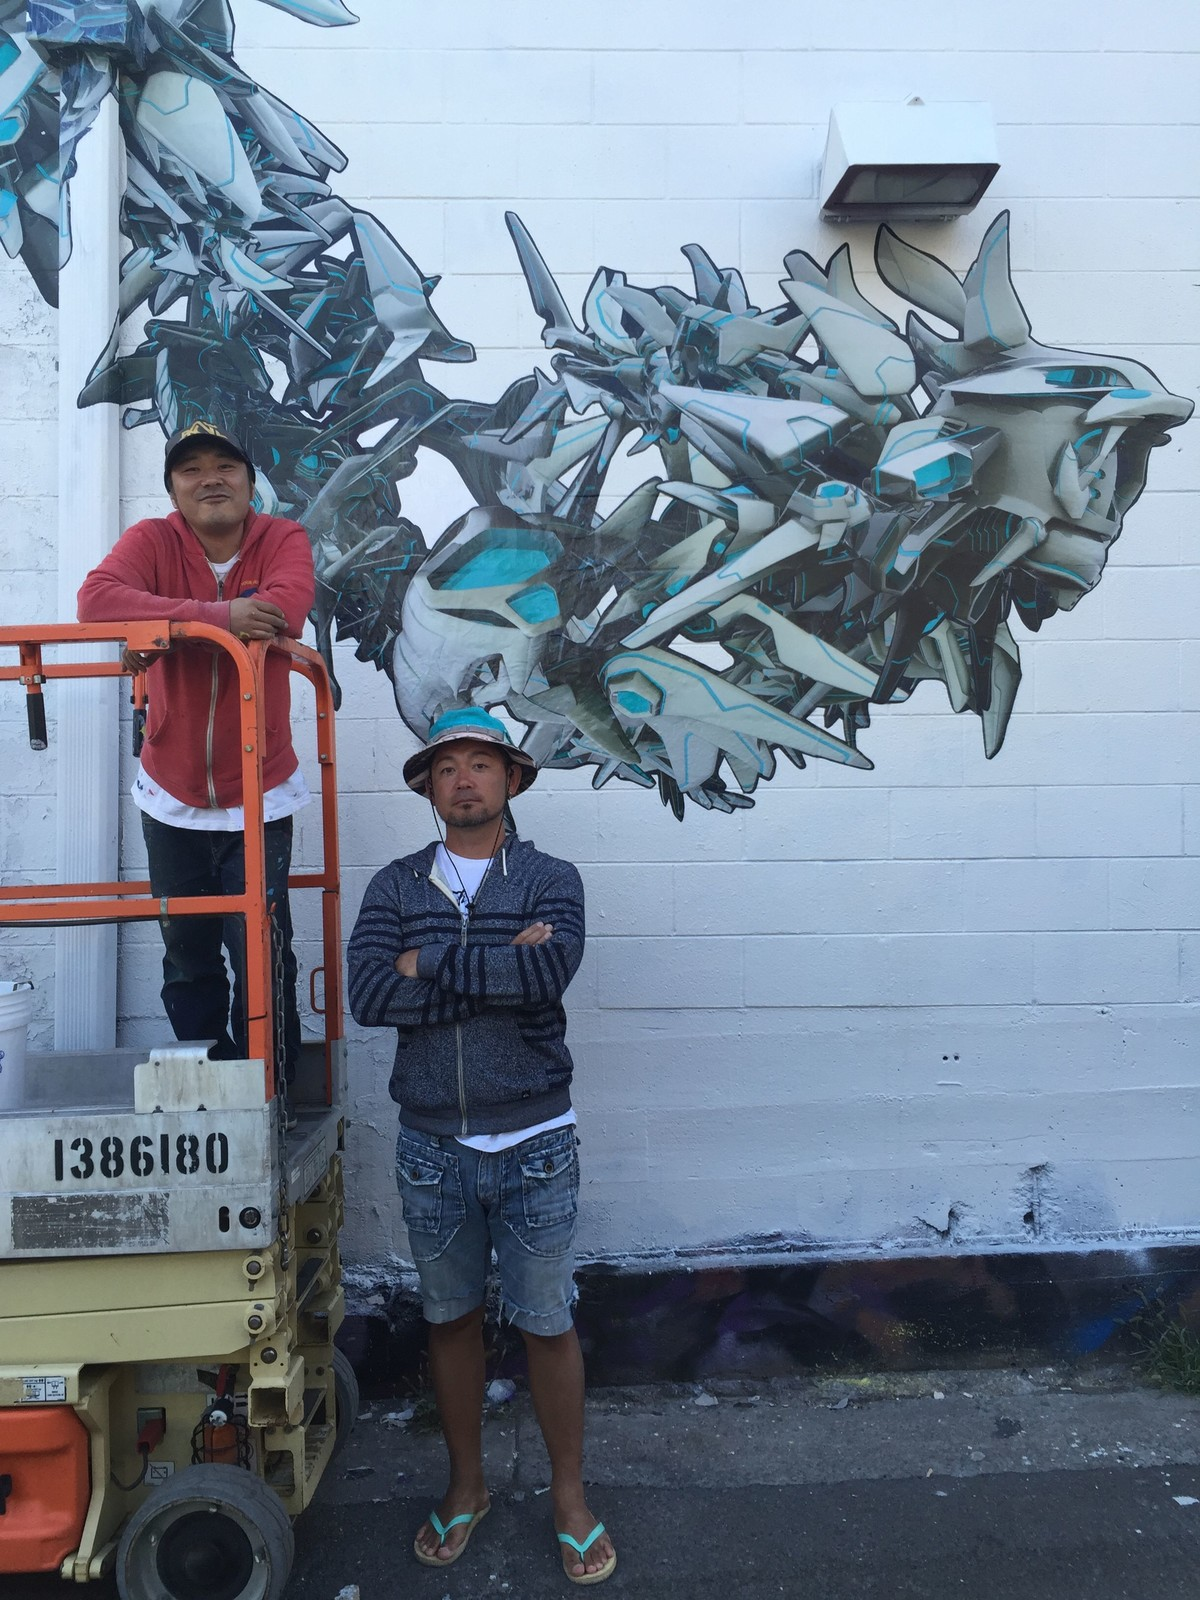 XSENSE mural